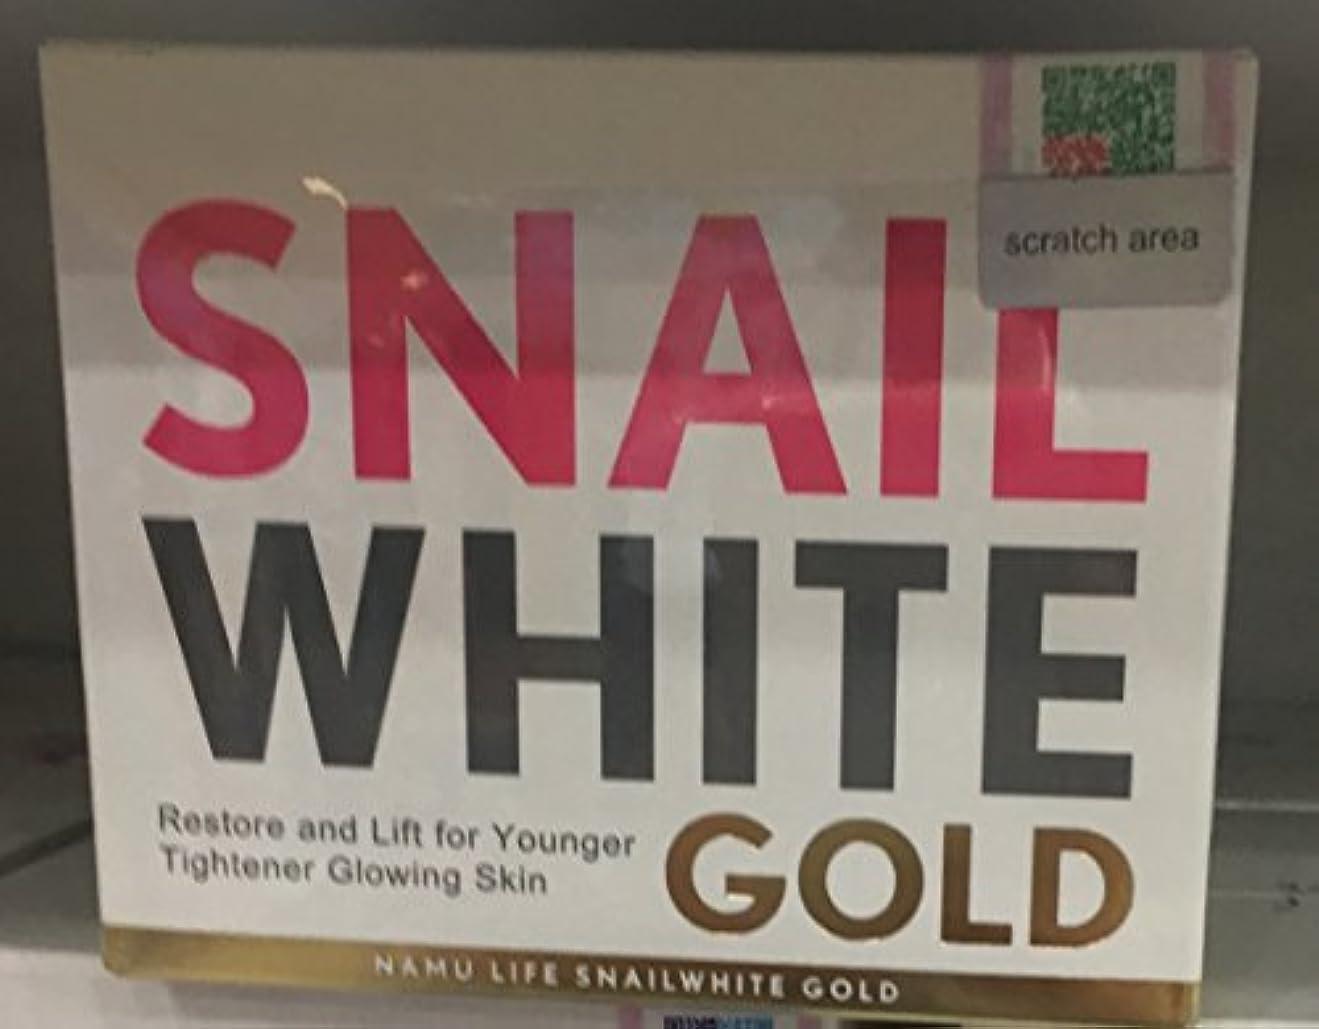 受賞アルバニーナムライフスパイニングゴールド50 ml ホワイトニング NAMU LIFE SNAILWHITE GOLD 50 ml